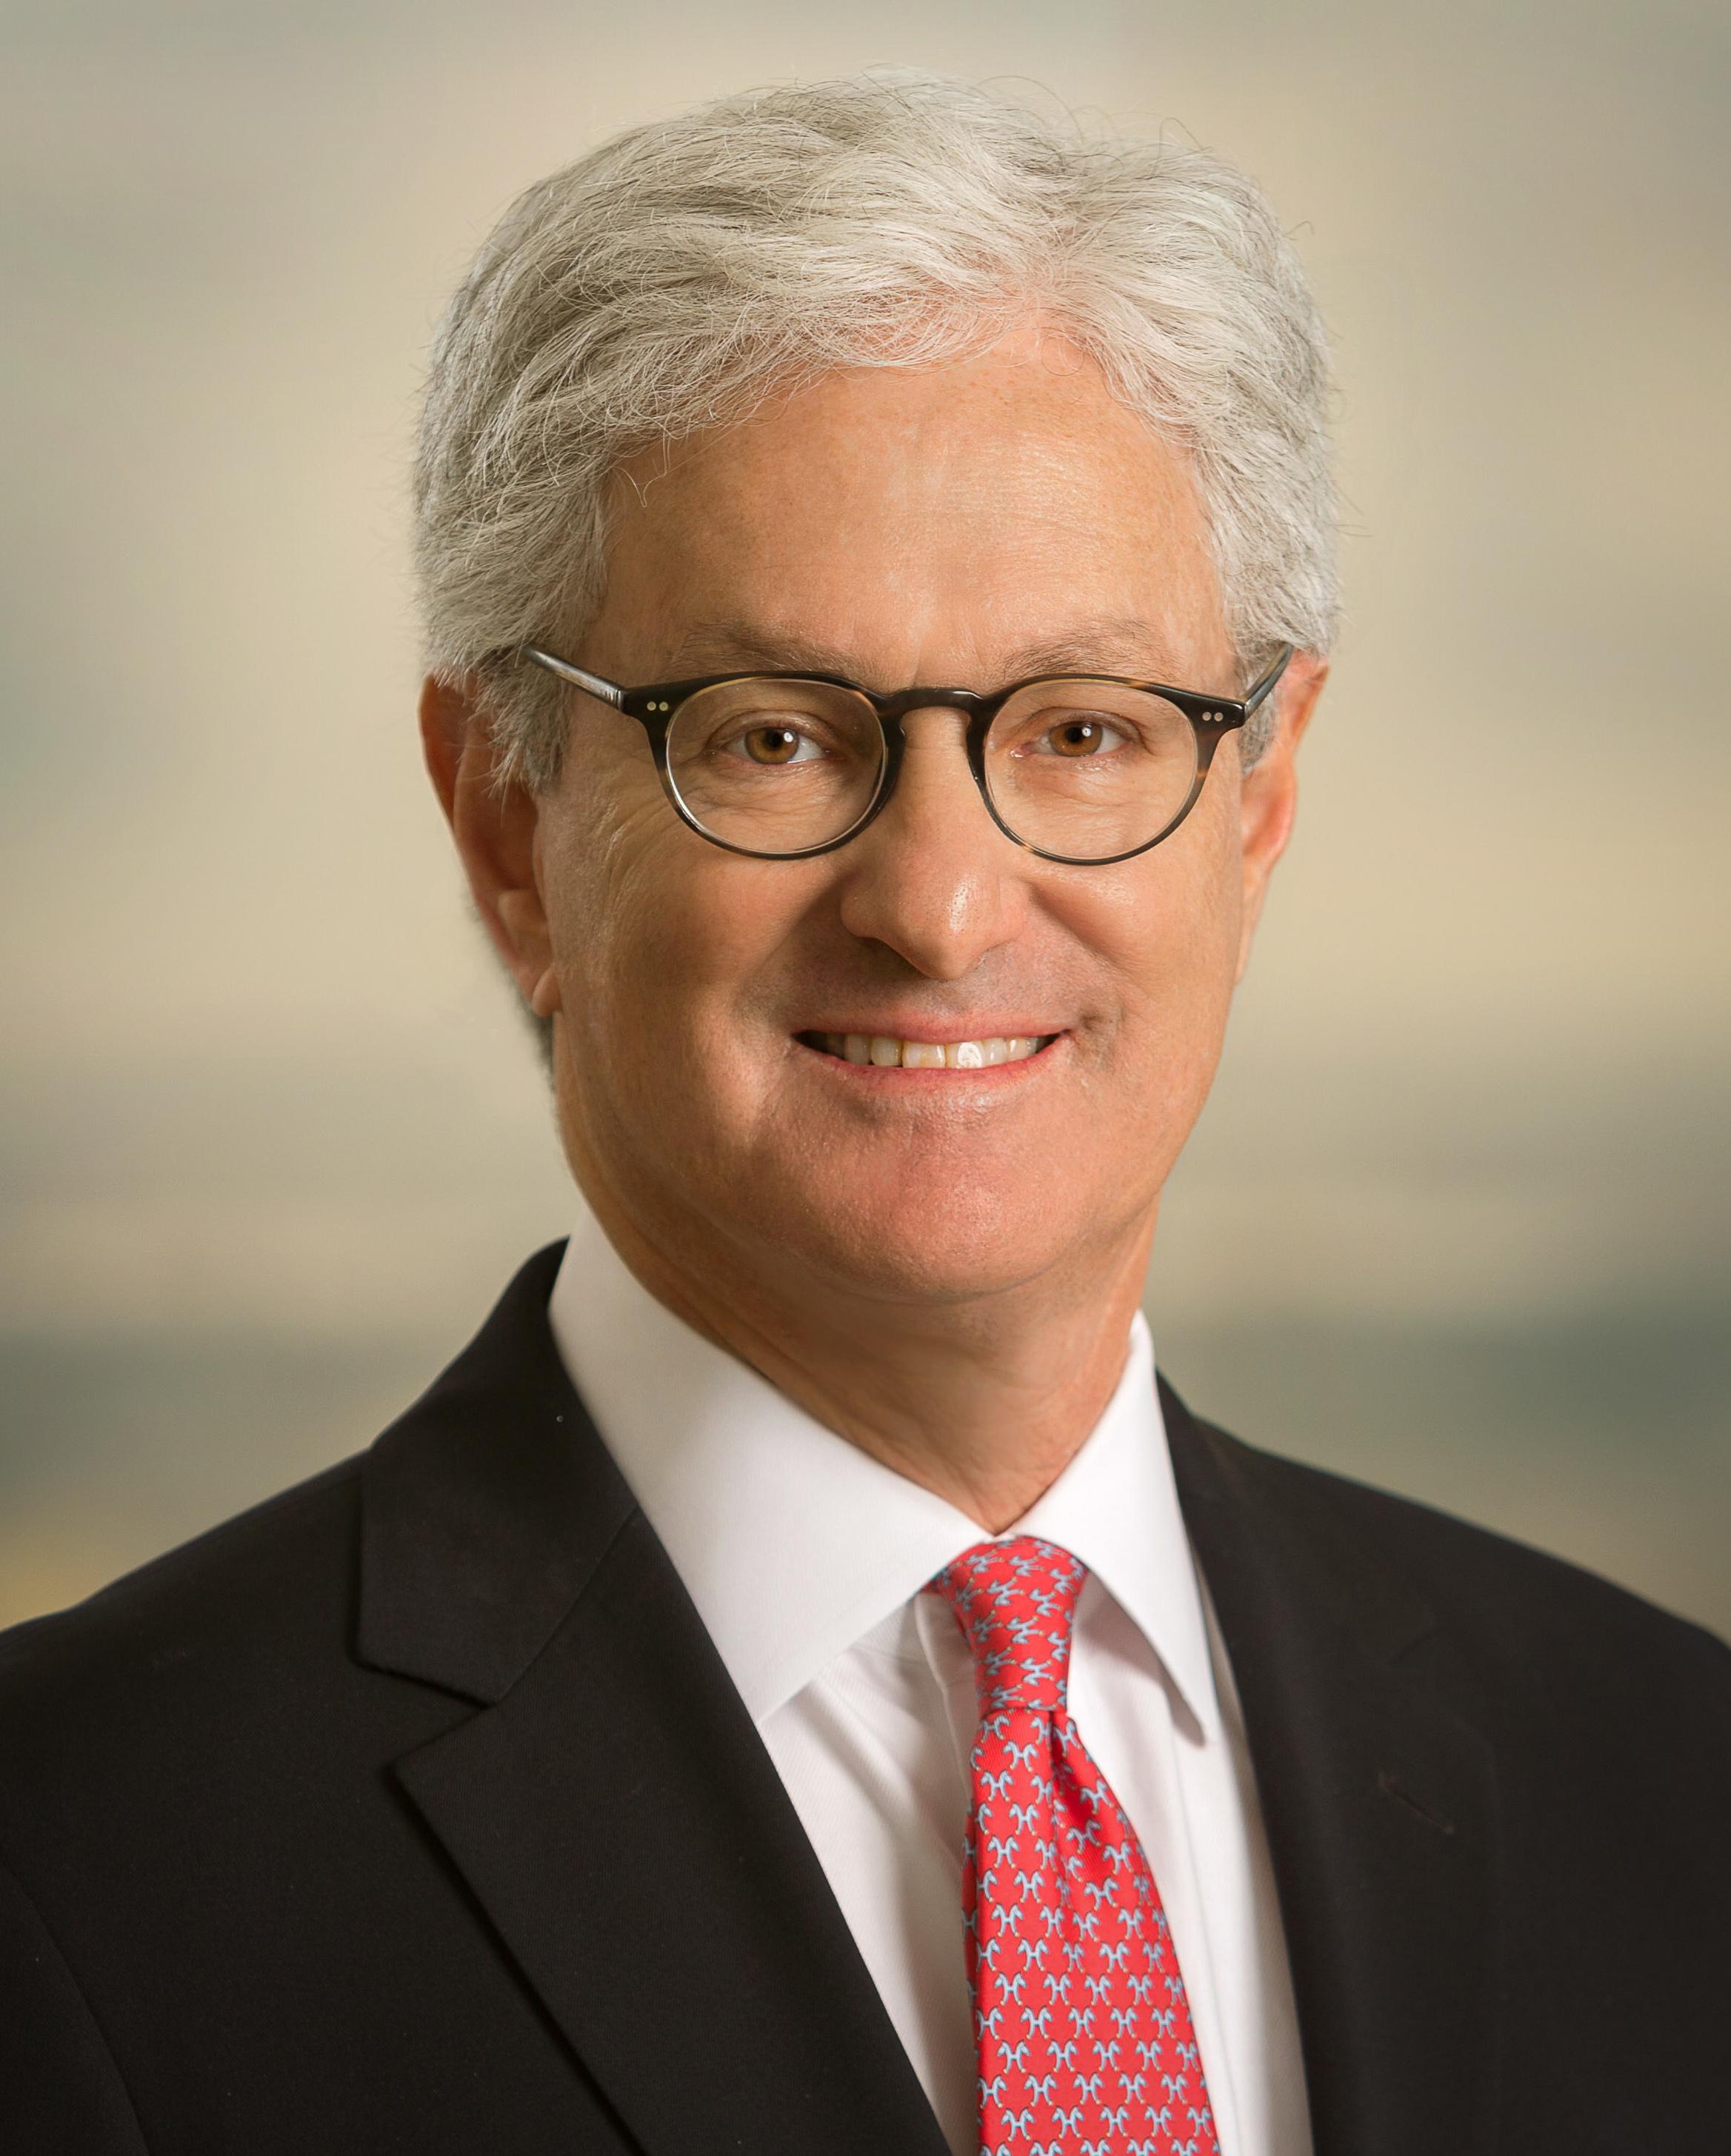 Image of Steven W. Usdin